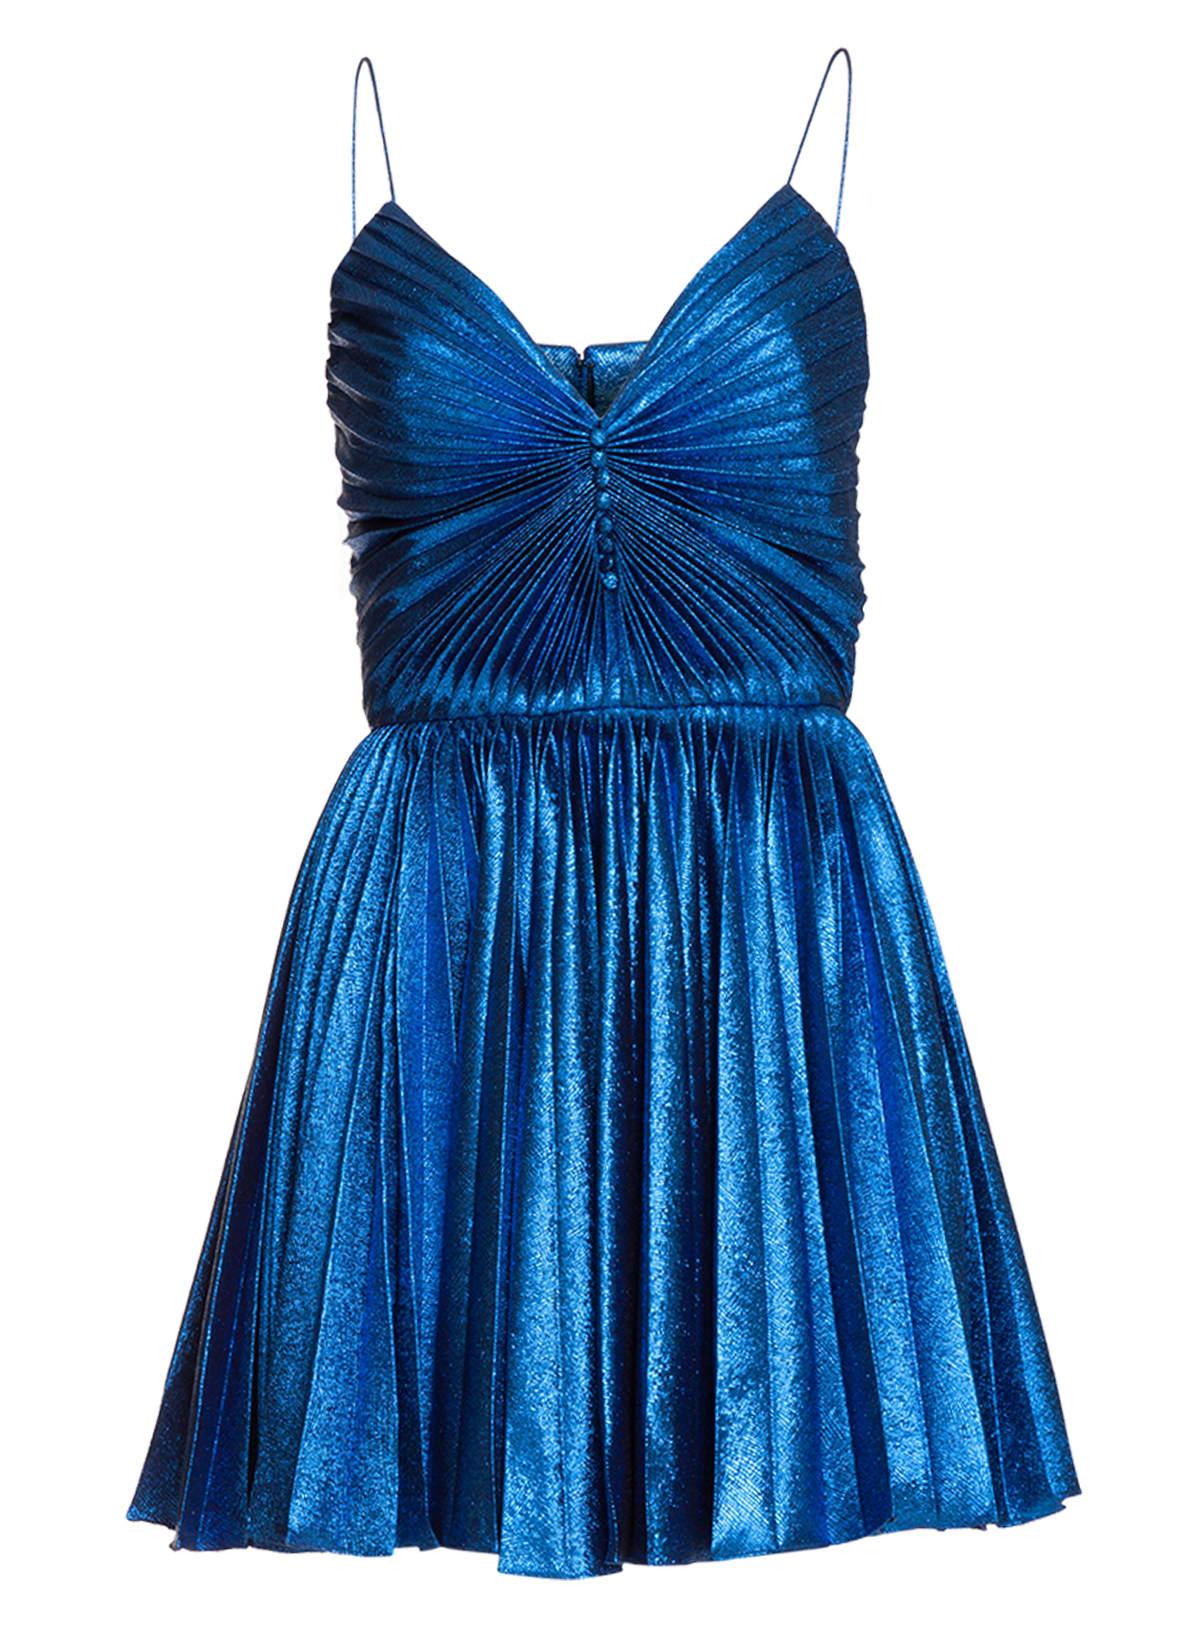 Saint Laurent Pleated Dress In Lamé Silk